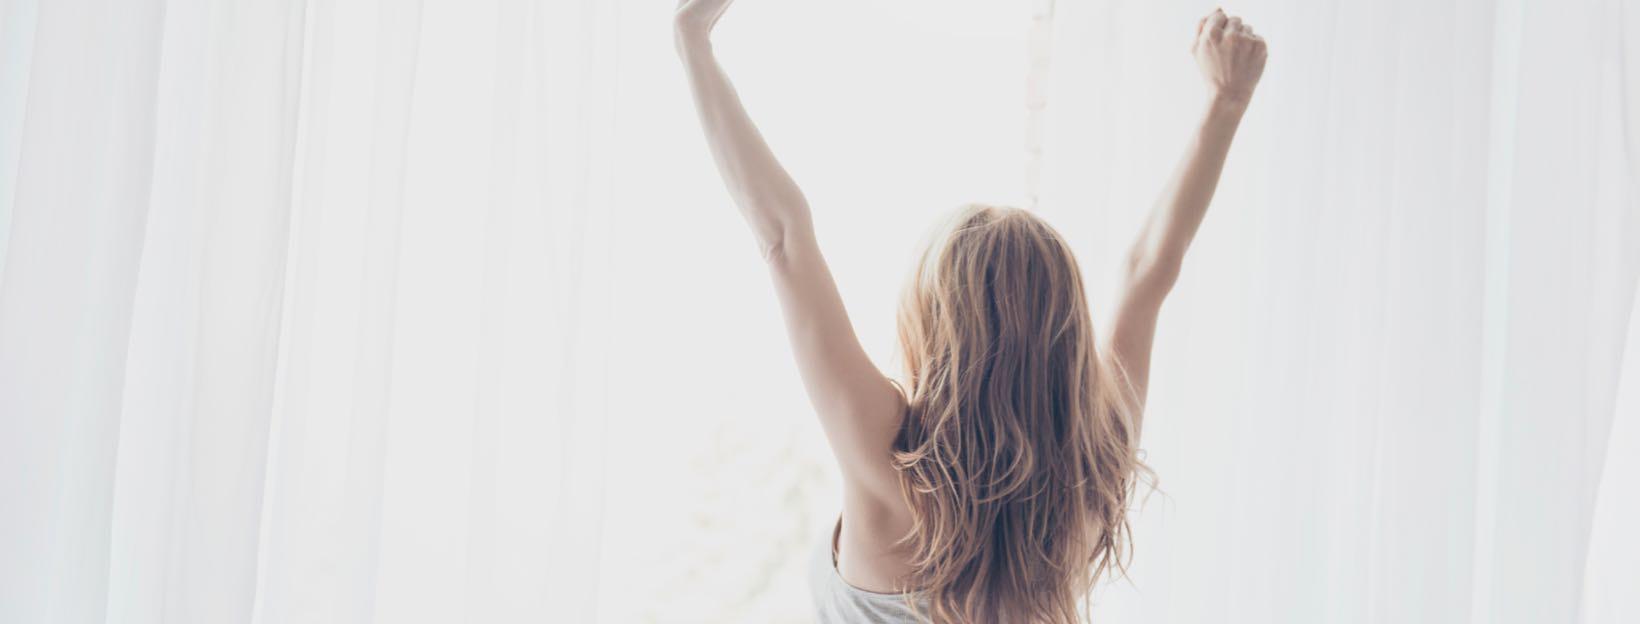 Frau streckt sich motiviert vorm Fenster